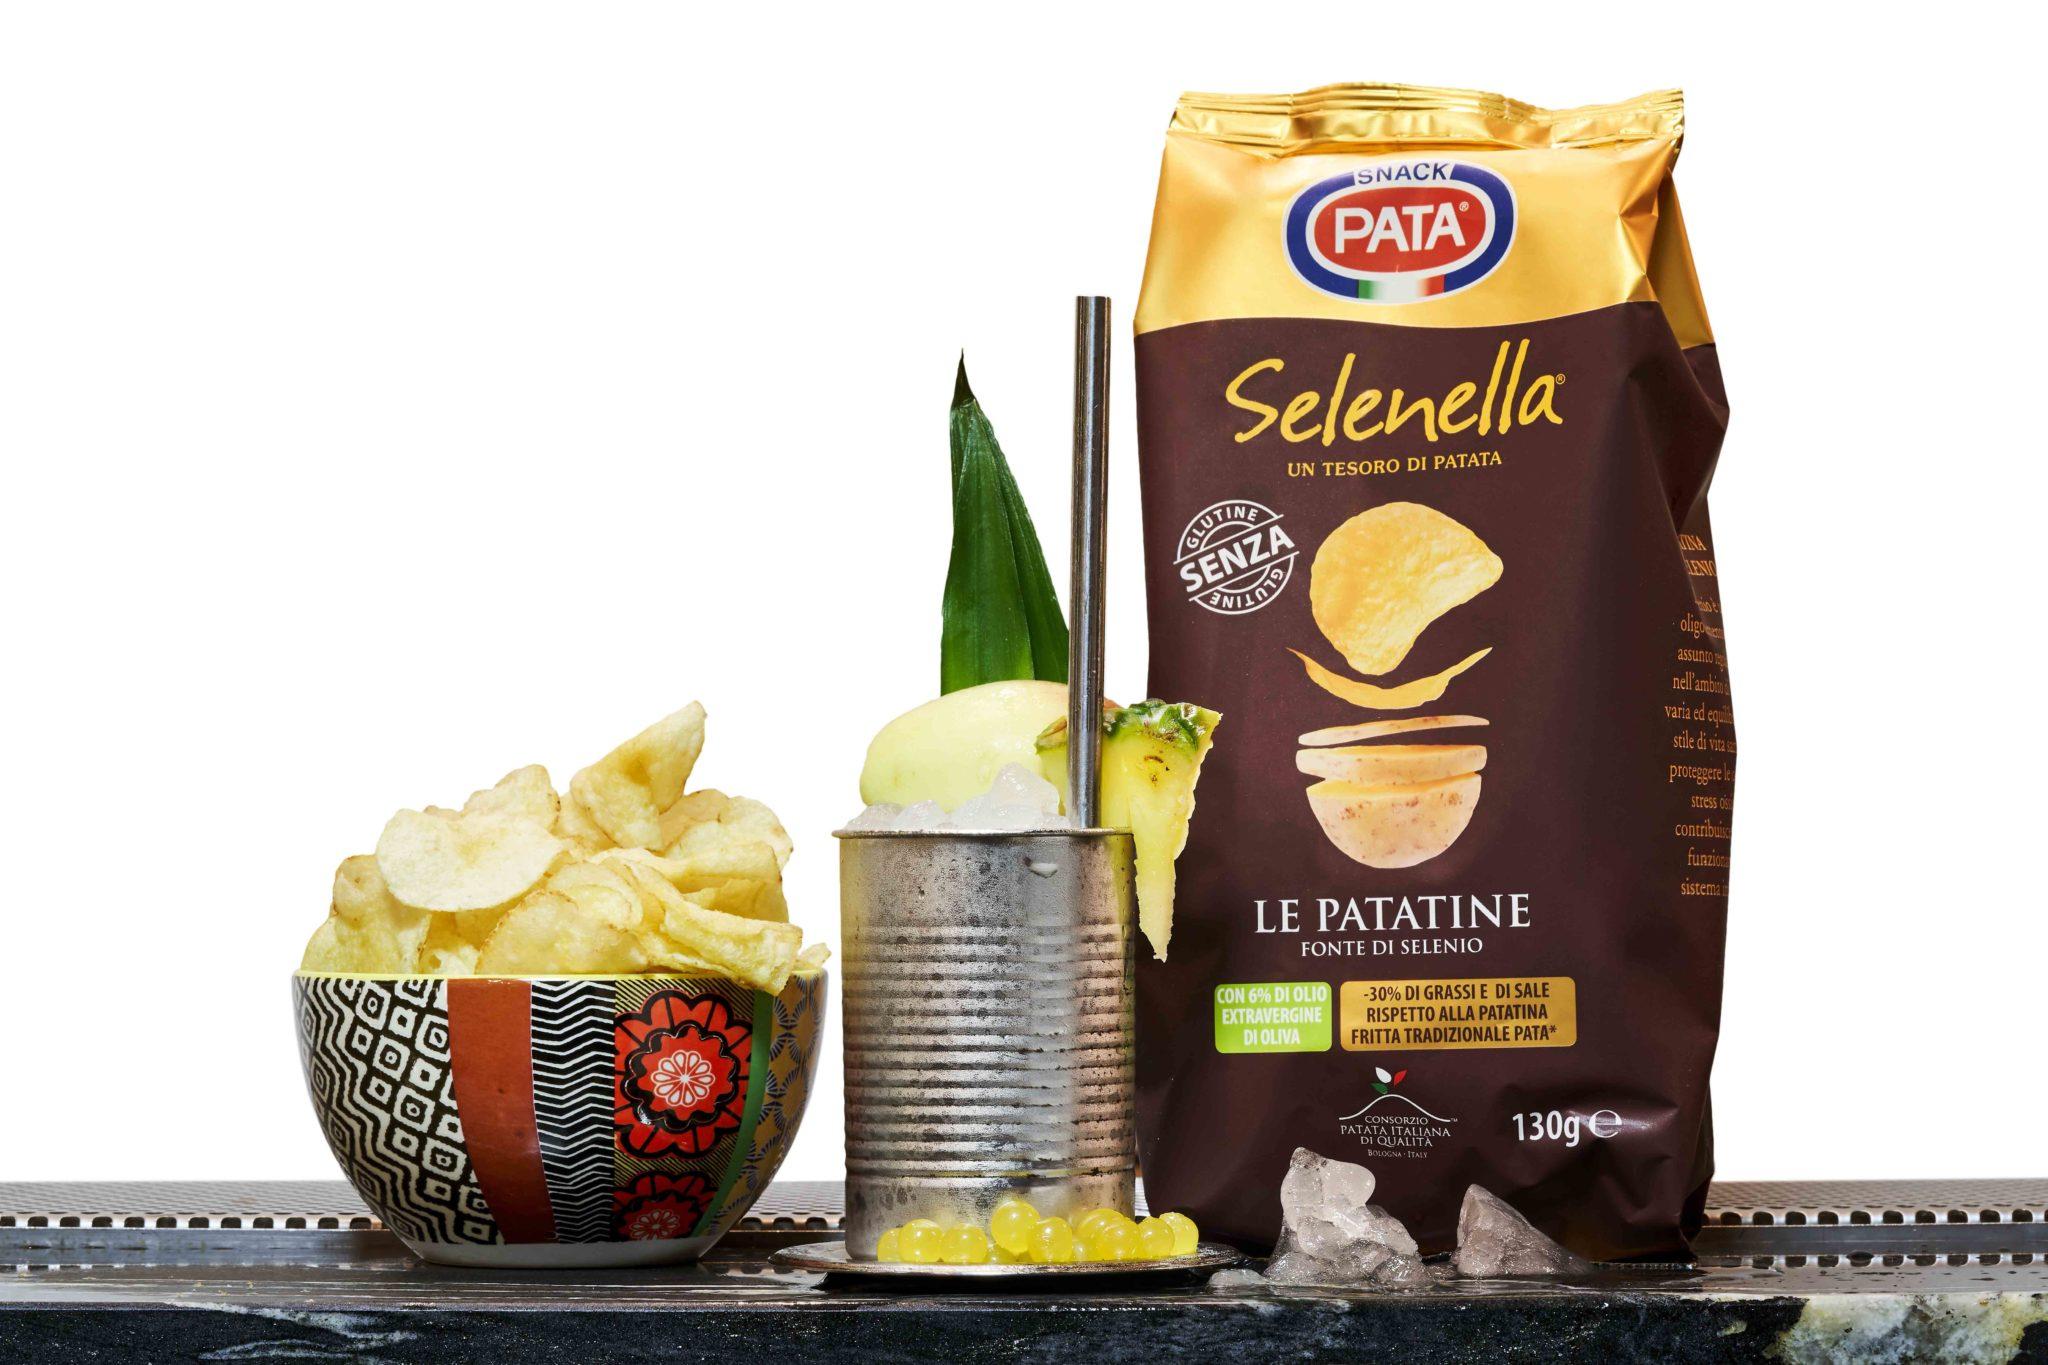 Patatine Selenella, per un aperitivo leggero ma ricco di gusto!